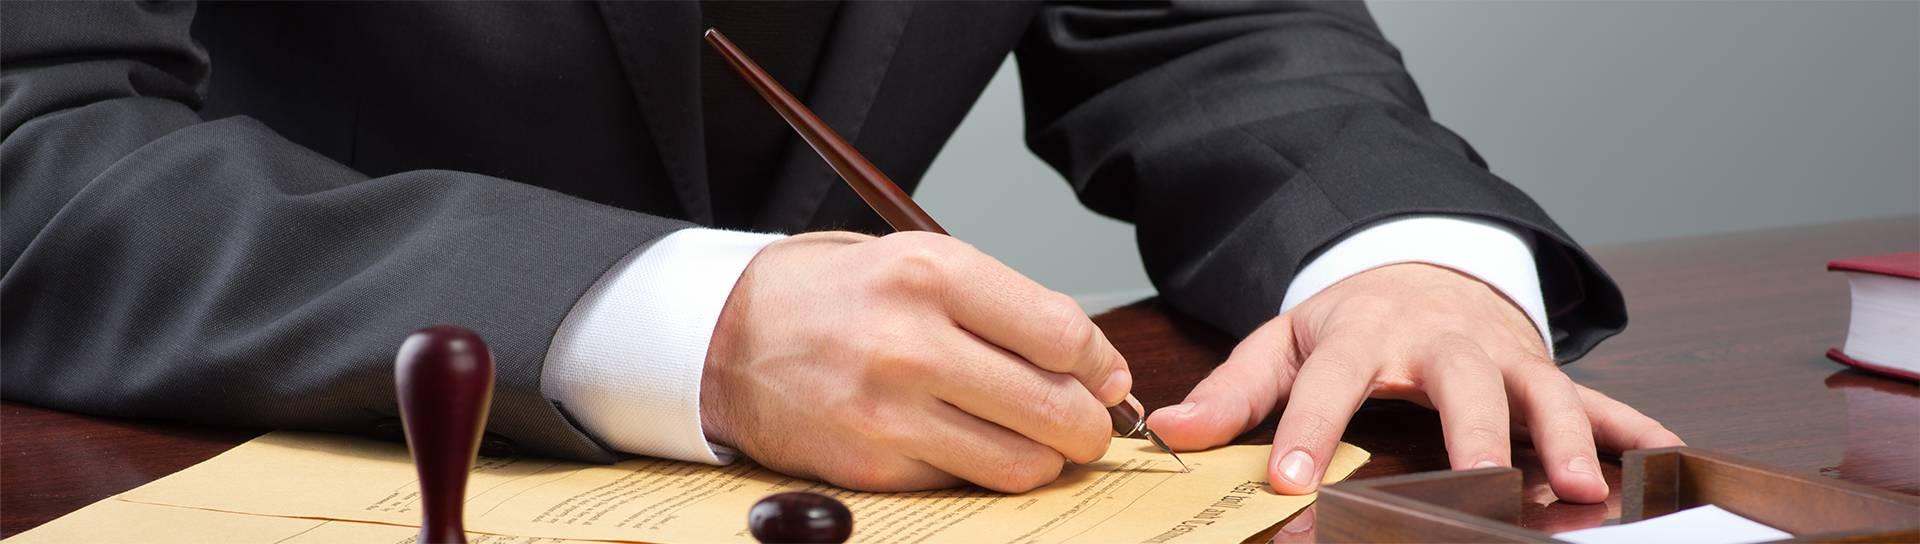 עורך דין משרד הביטחון חותם על מסמך חשוב